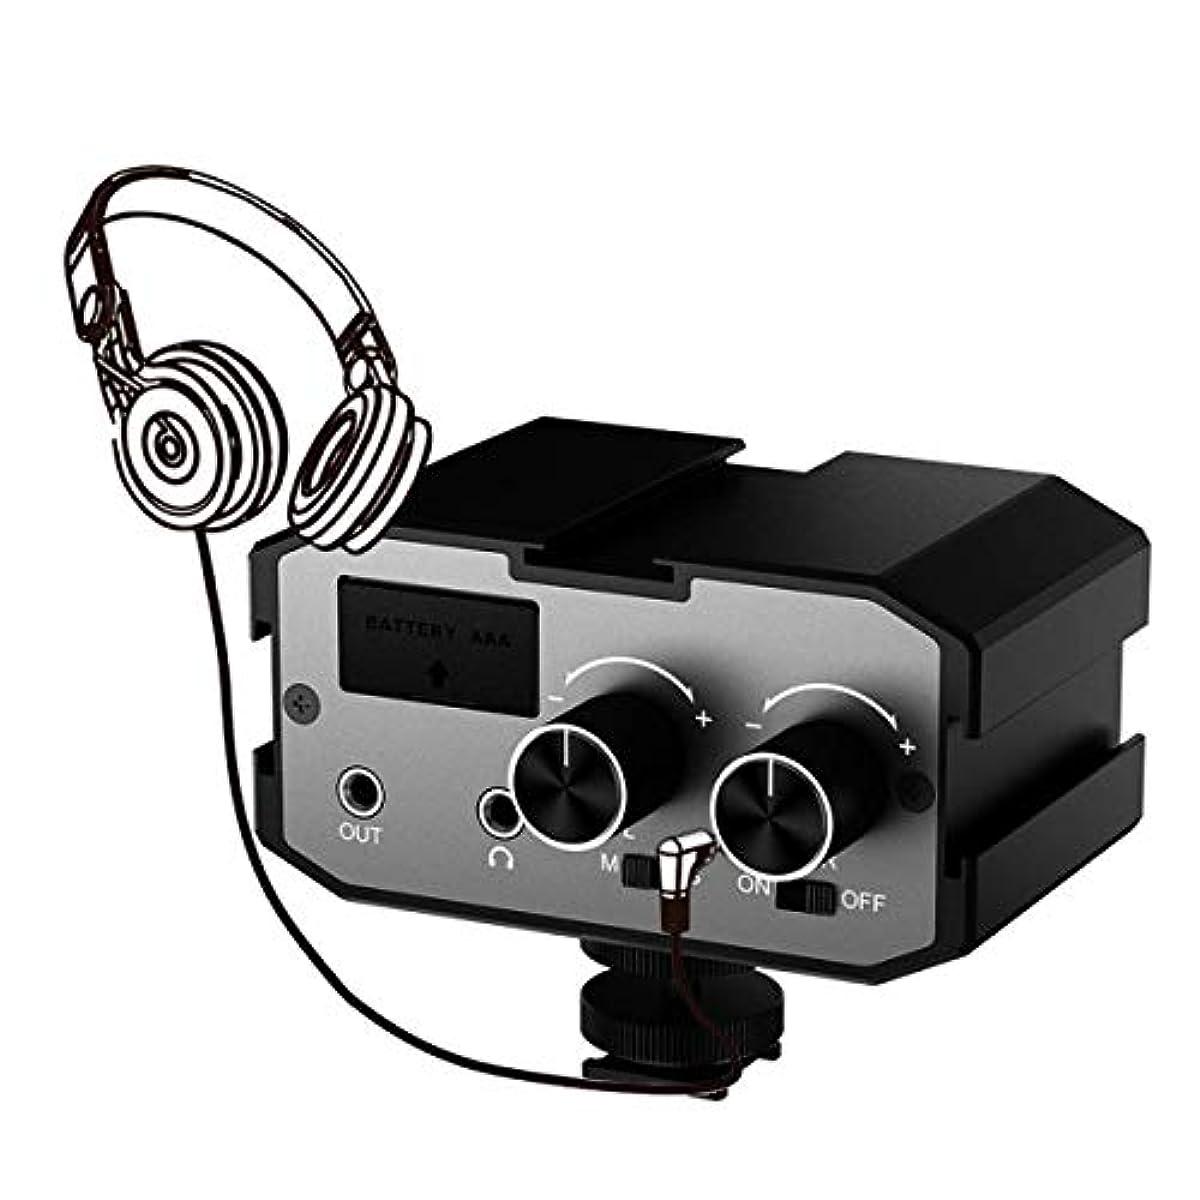 [해외] COMICA 오디오 믹서 어댑터 스테레오 믹서 조정기 듀얼 채널3.5MM포토 CANON NIKON SONY PANASONIC DSLR카메라나 비디오 카메라에 대응 CVM-AX1